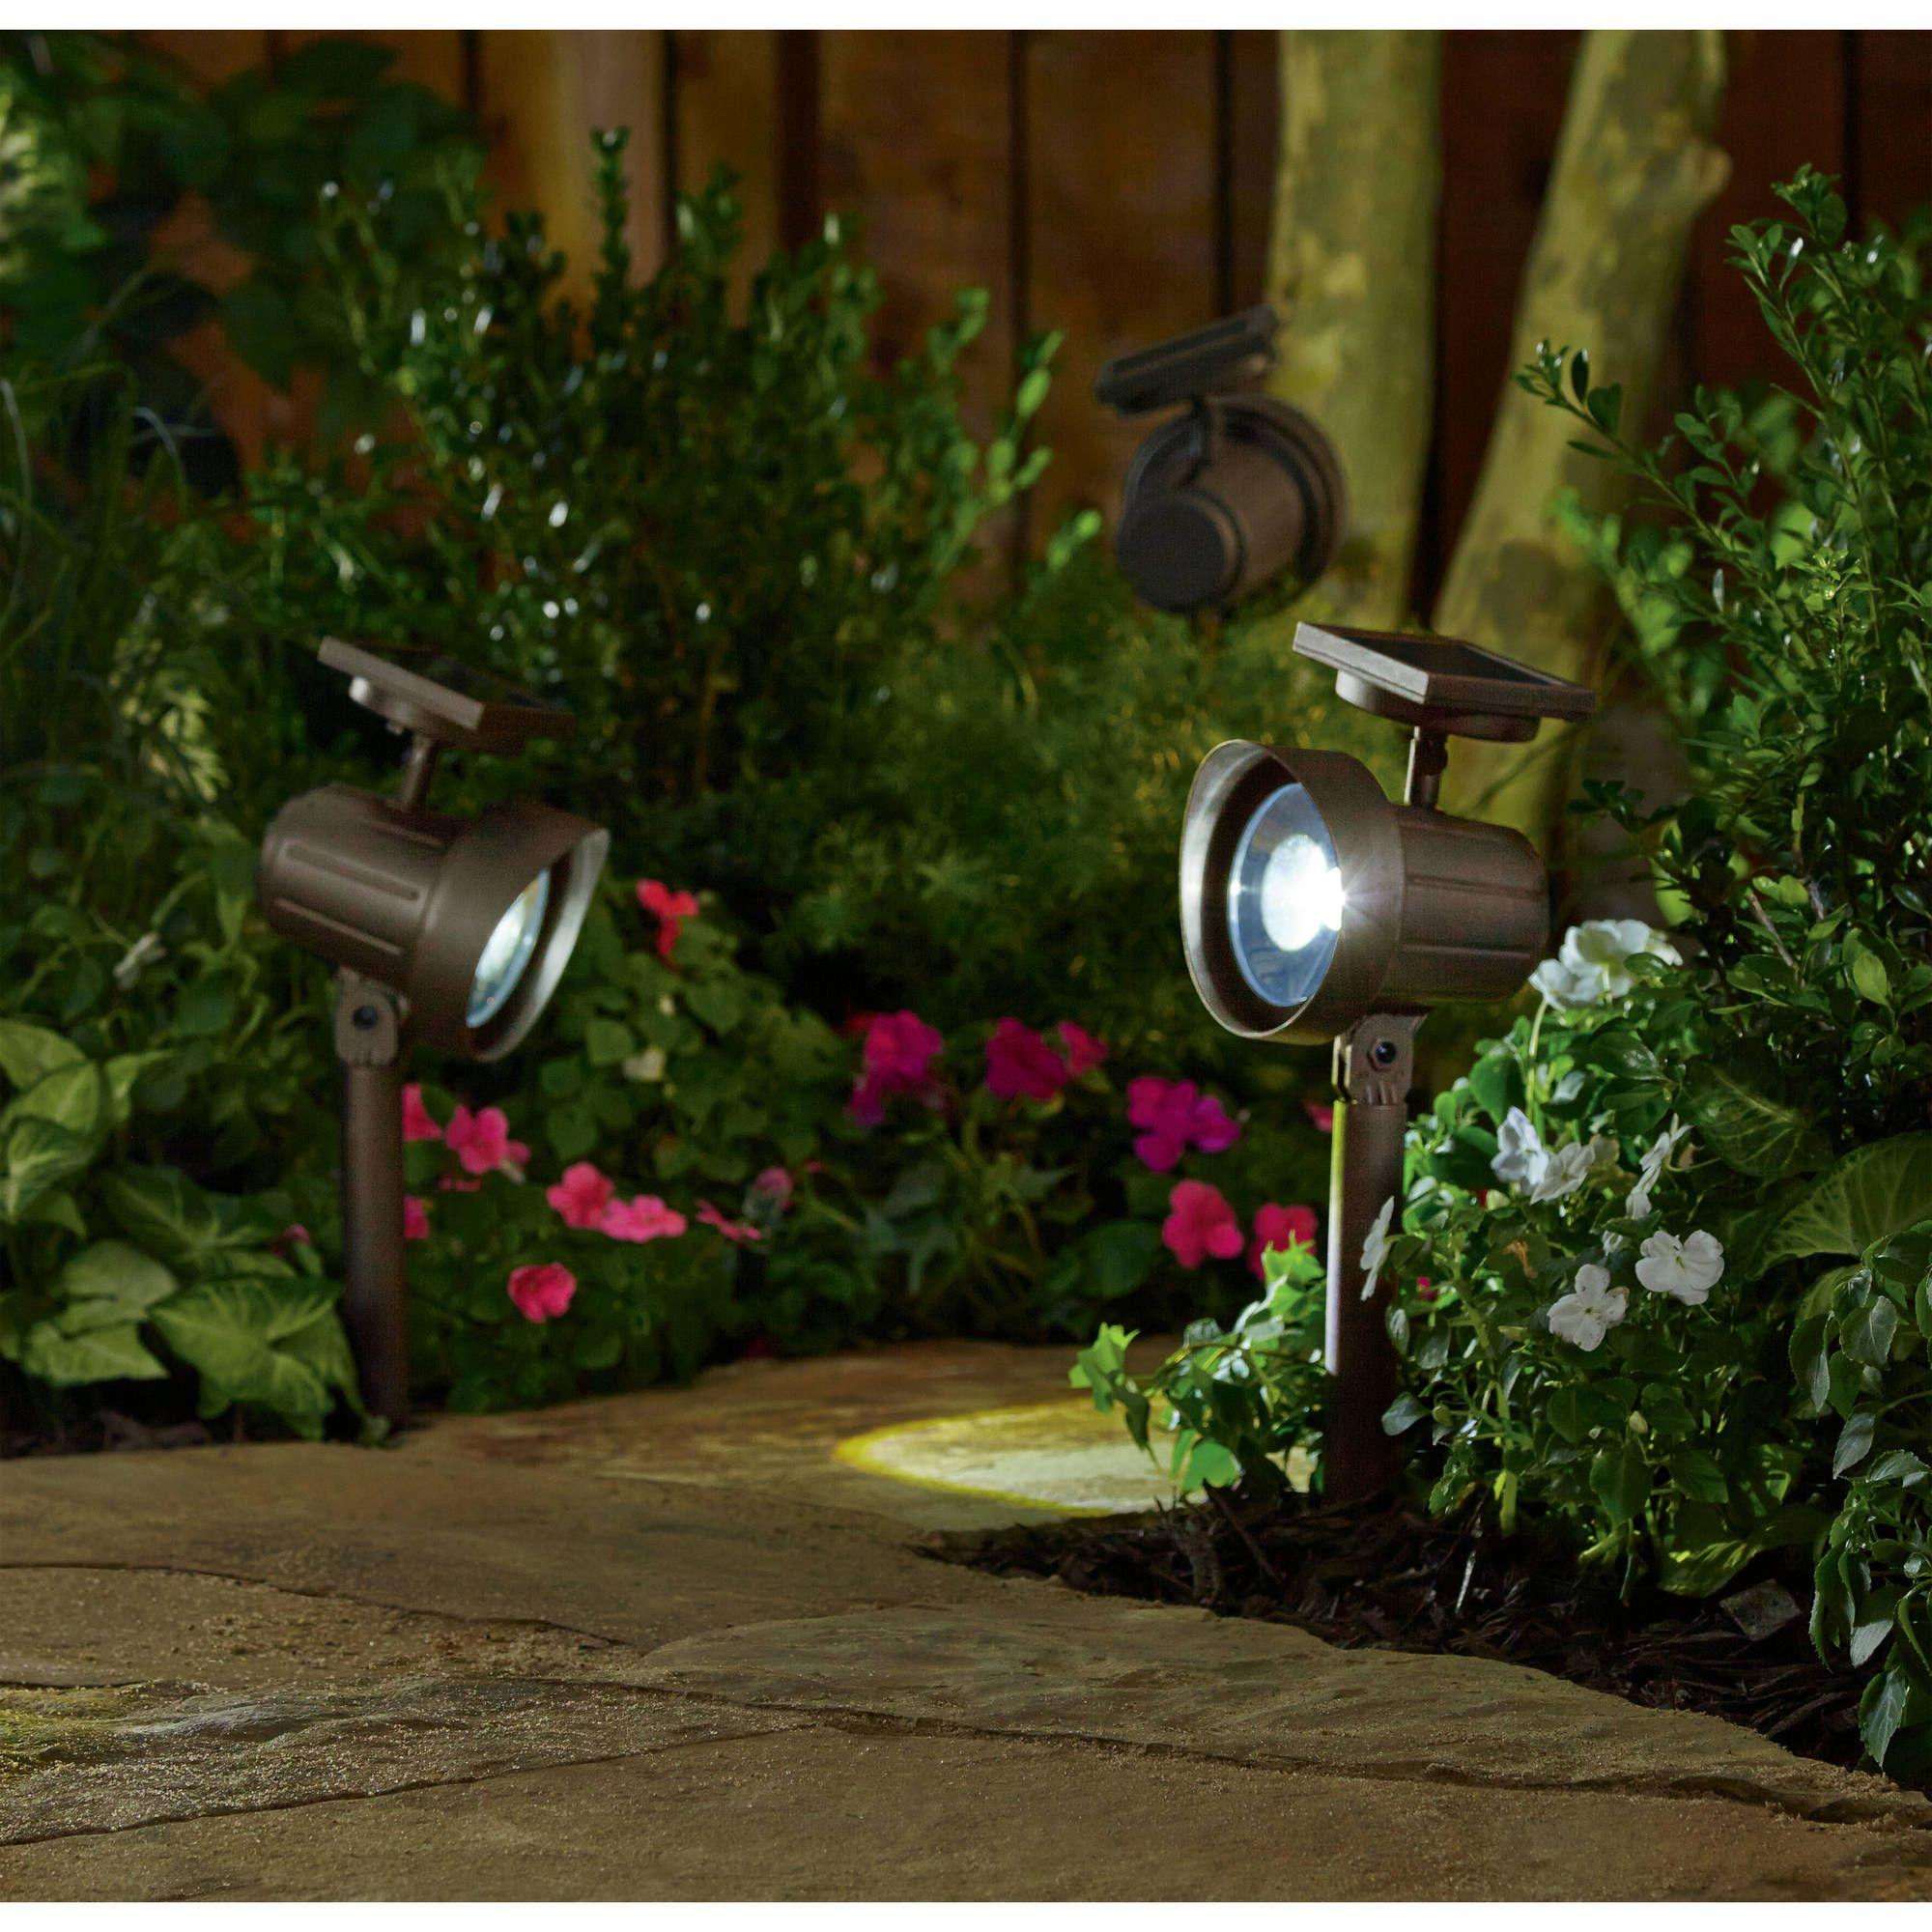 1dc7c1e12e3e462f9e1a059c76ba3309 - Better Homes And Gardens Solar Spot Lights